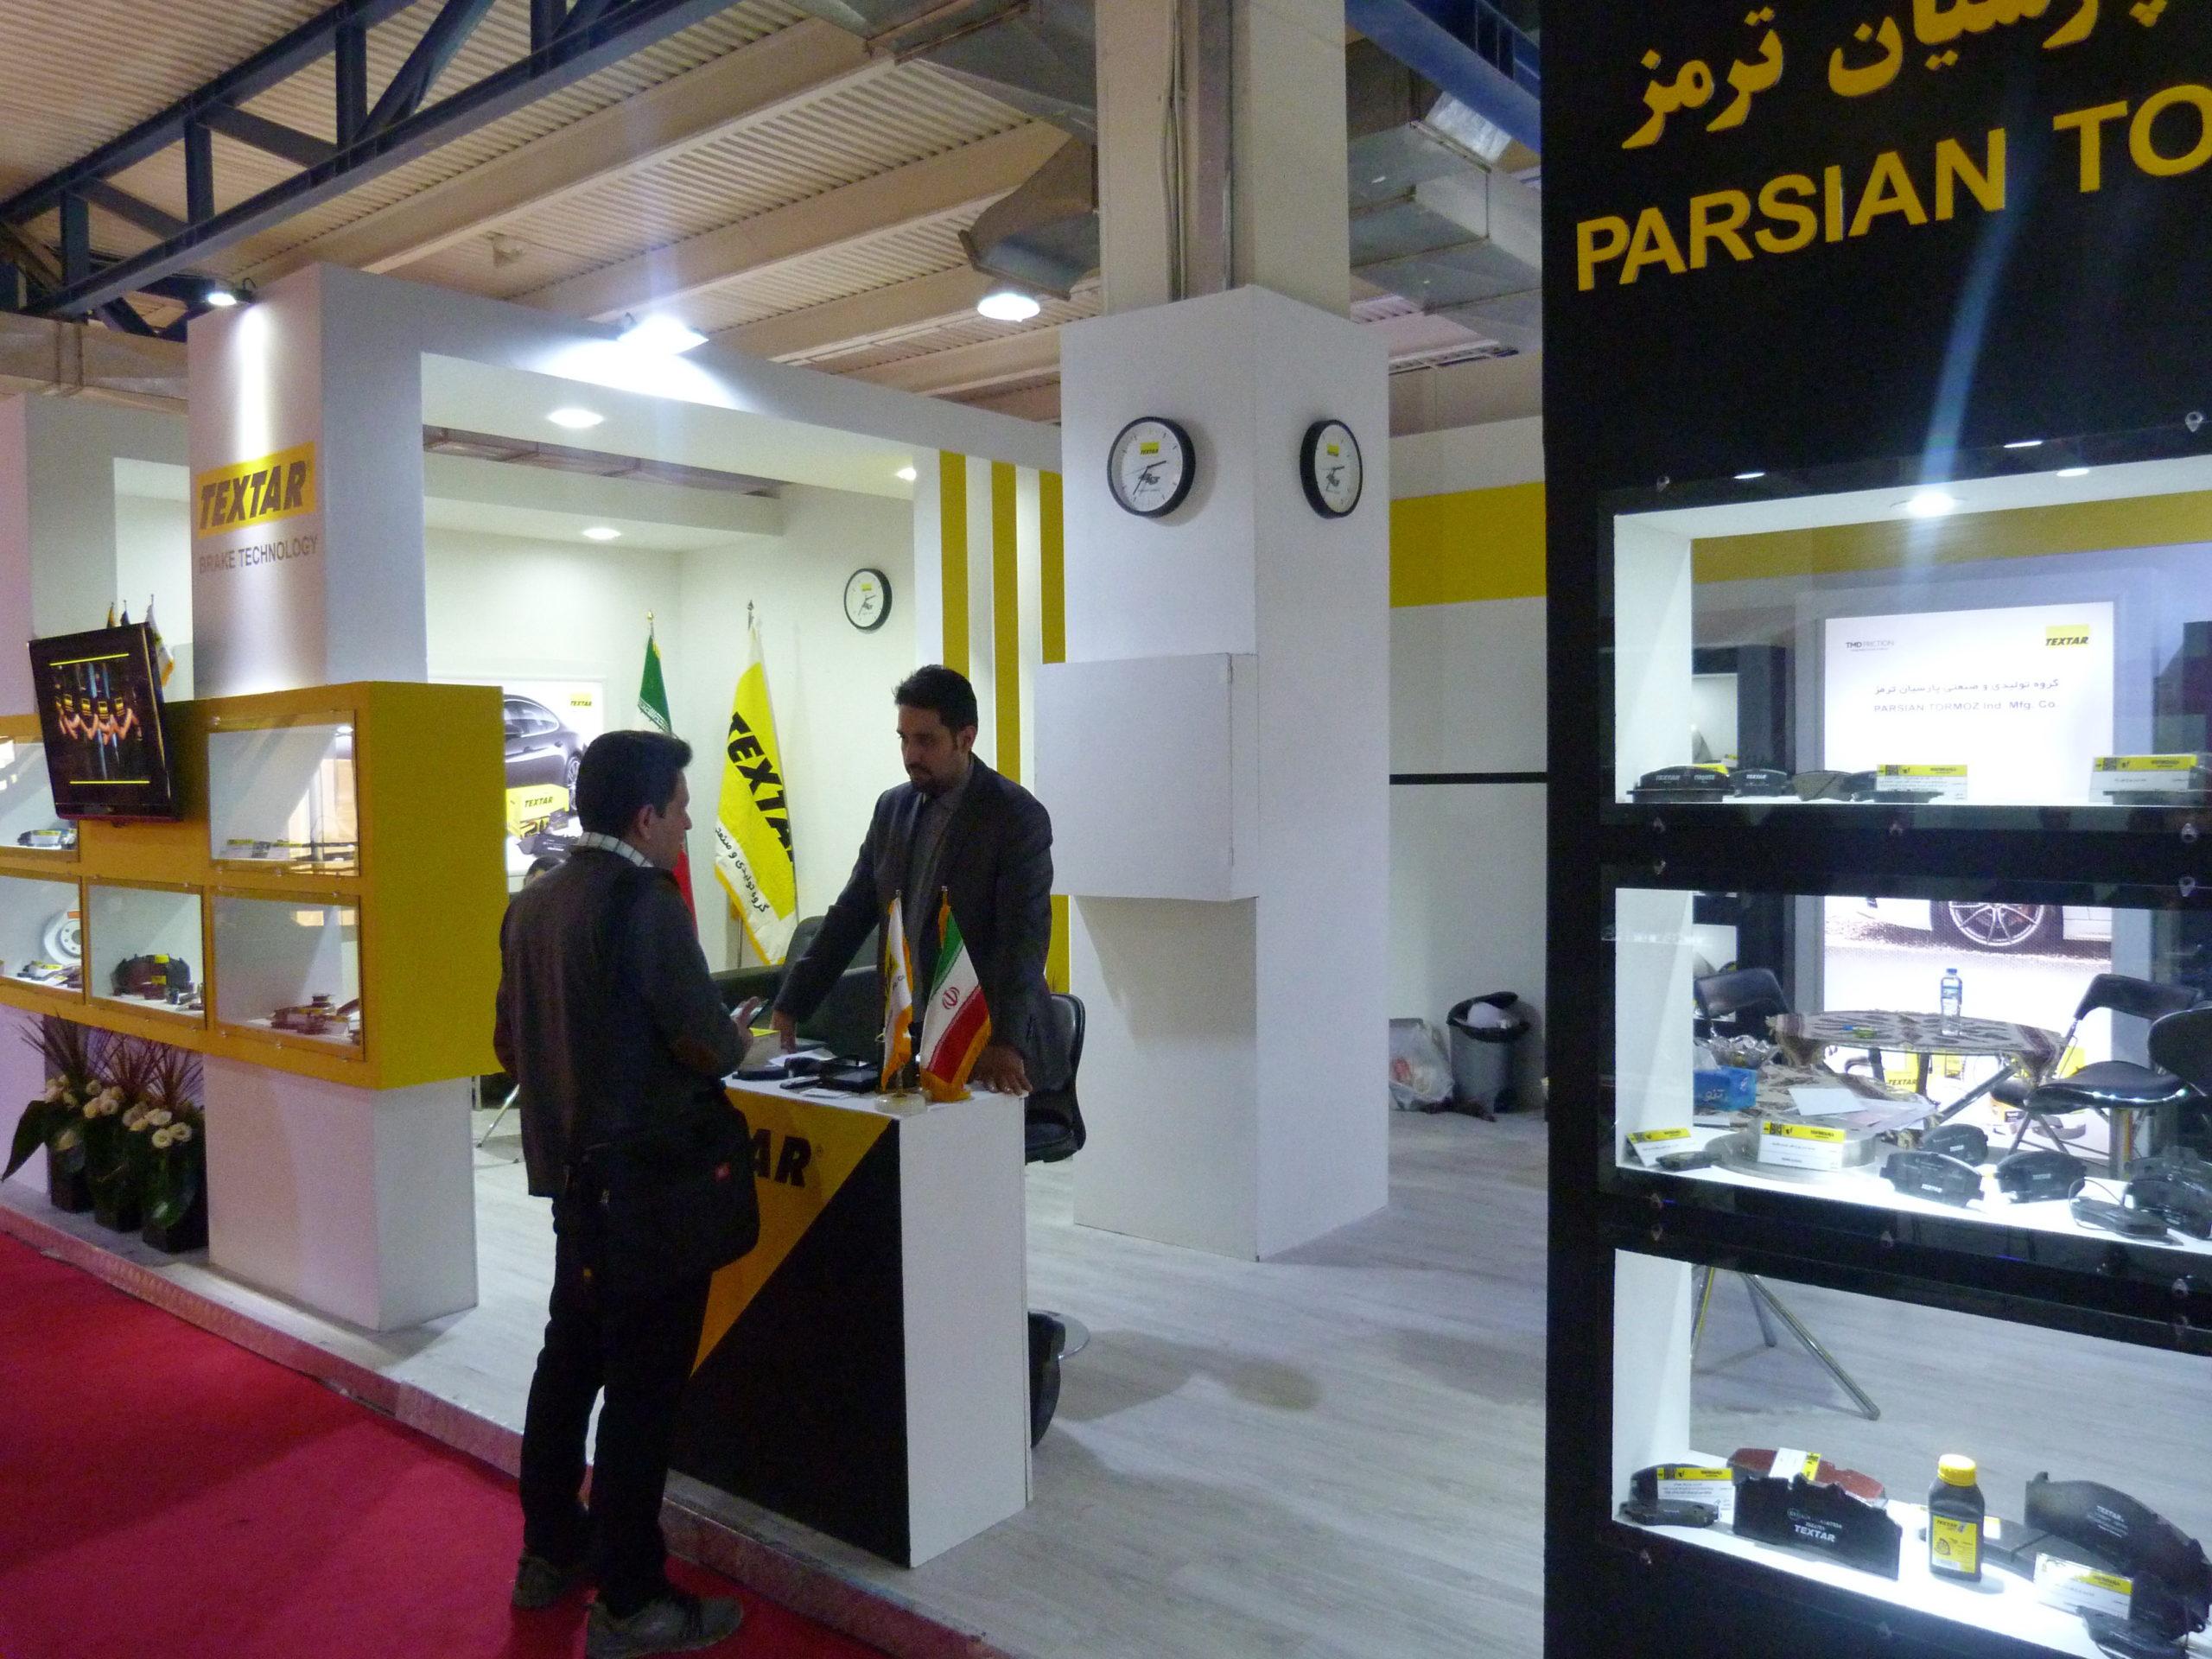 چهاردهمین نمایشگاه بین المللی قطعات ،لوازم و مجموعه خودرو -تهران 1398